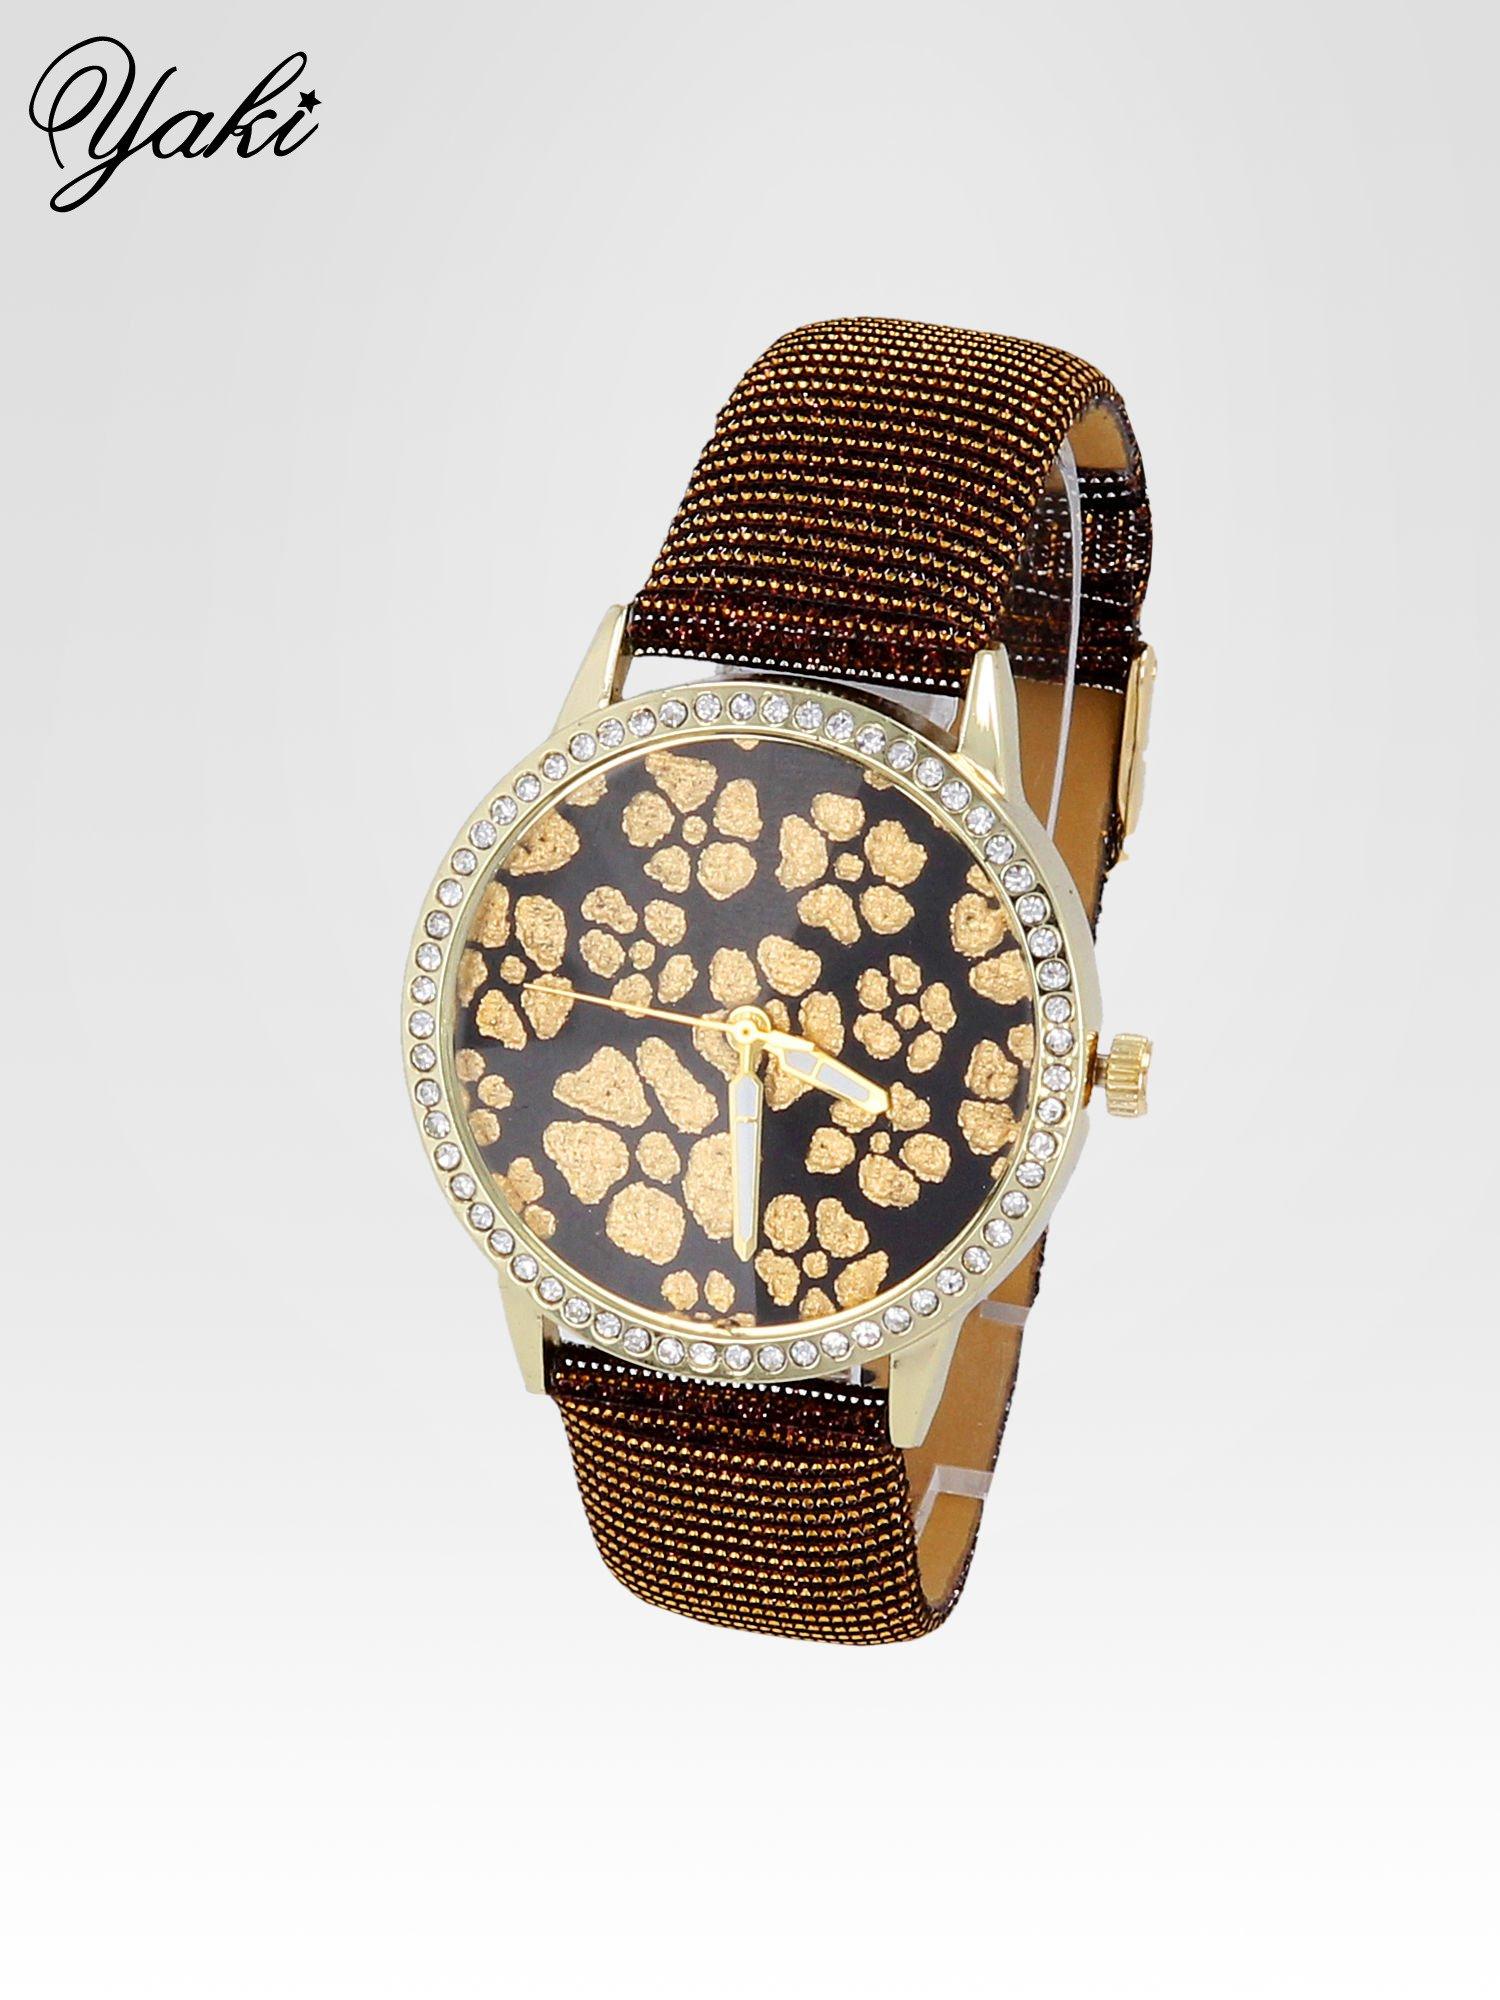 Brązowy zegarek damski na błyszczącym paski z cyrkoniami na kopercie                                  zdj.                                  2